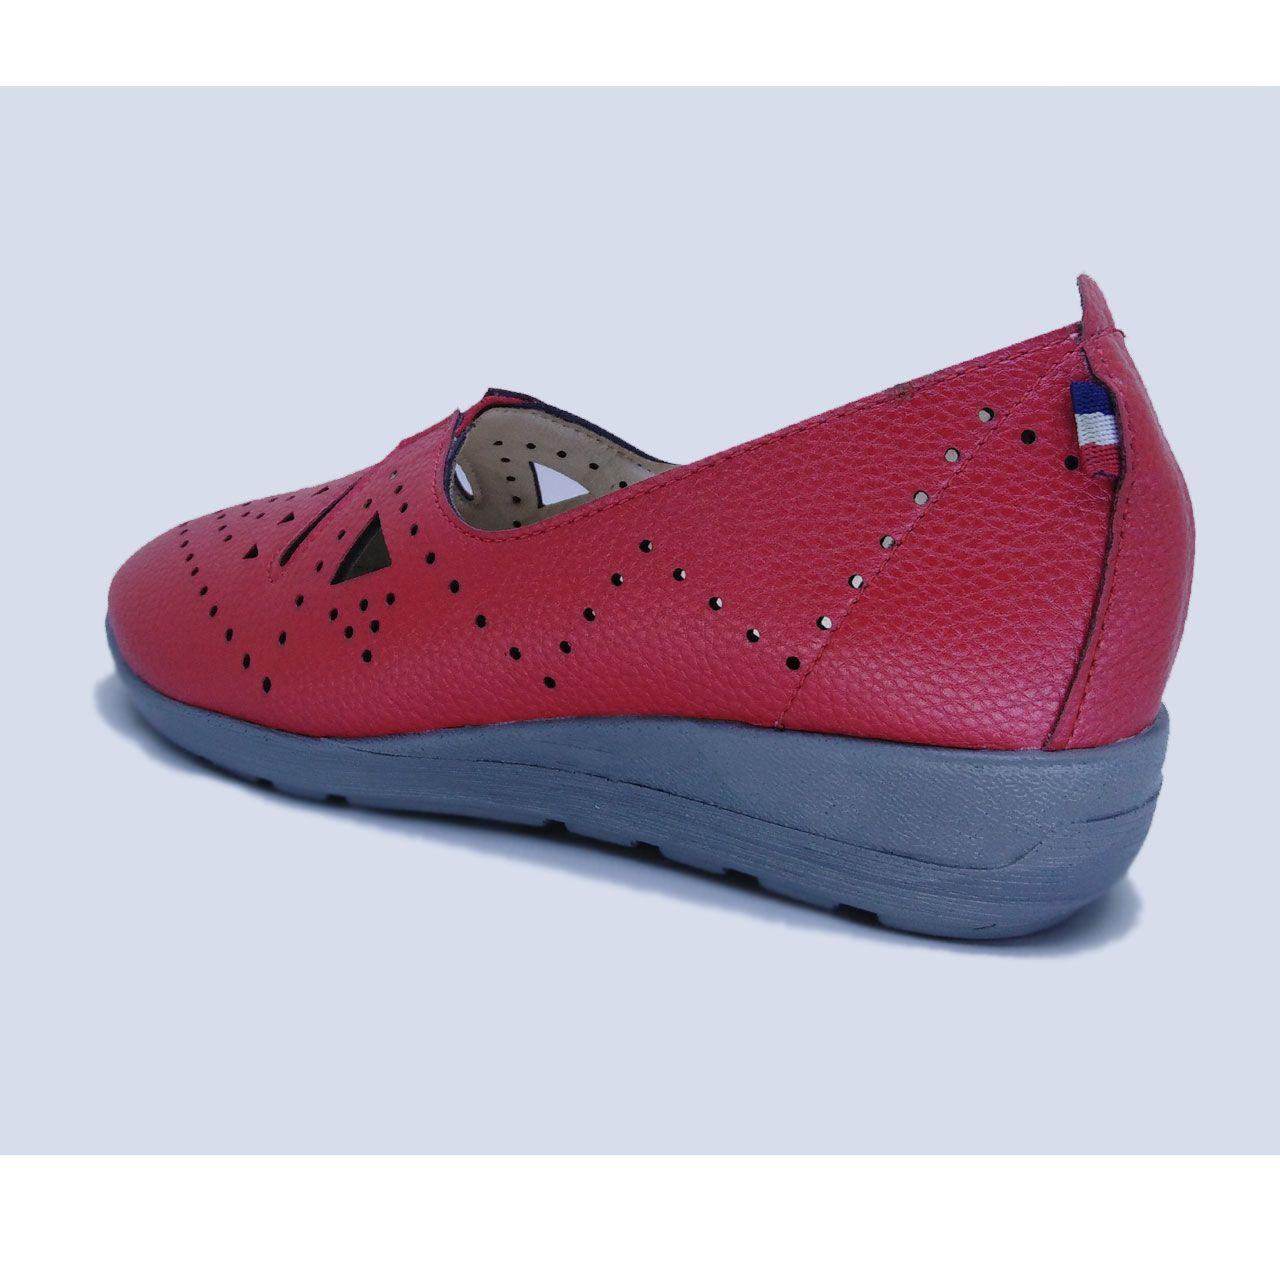 کفش روزمره زنانه مدل بیتا کد L1- 98 رنگ قرمز -  - 1